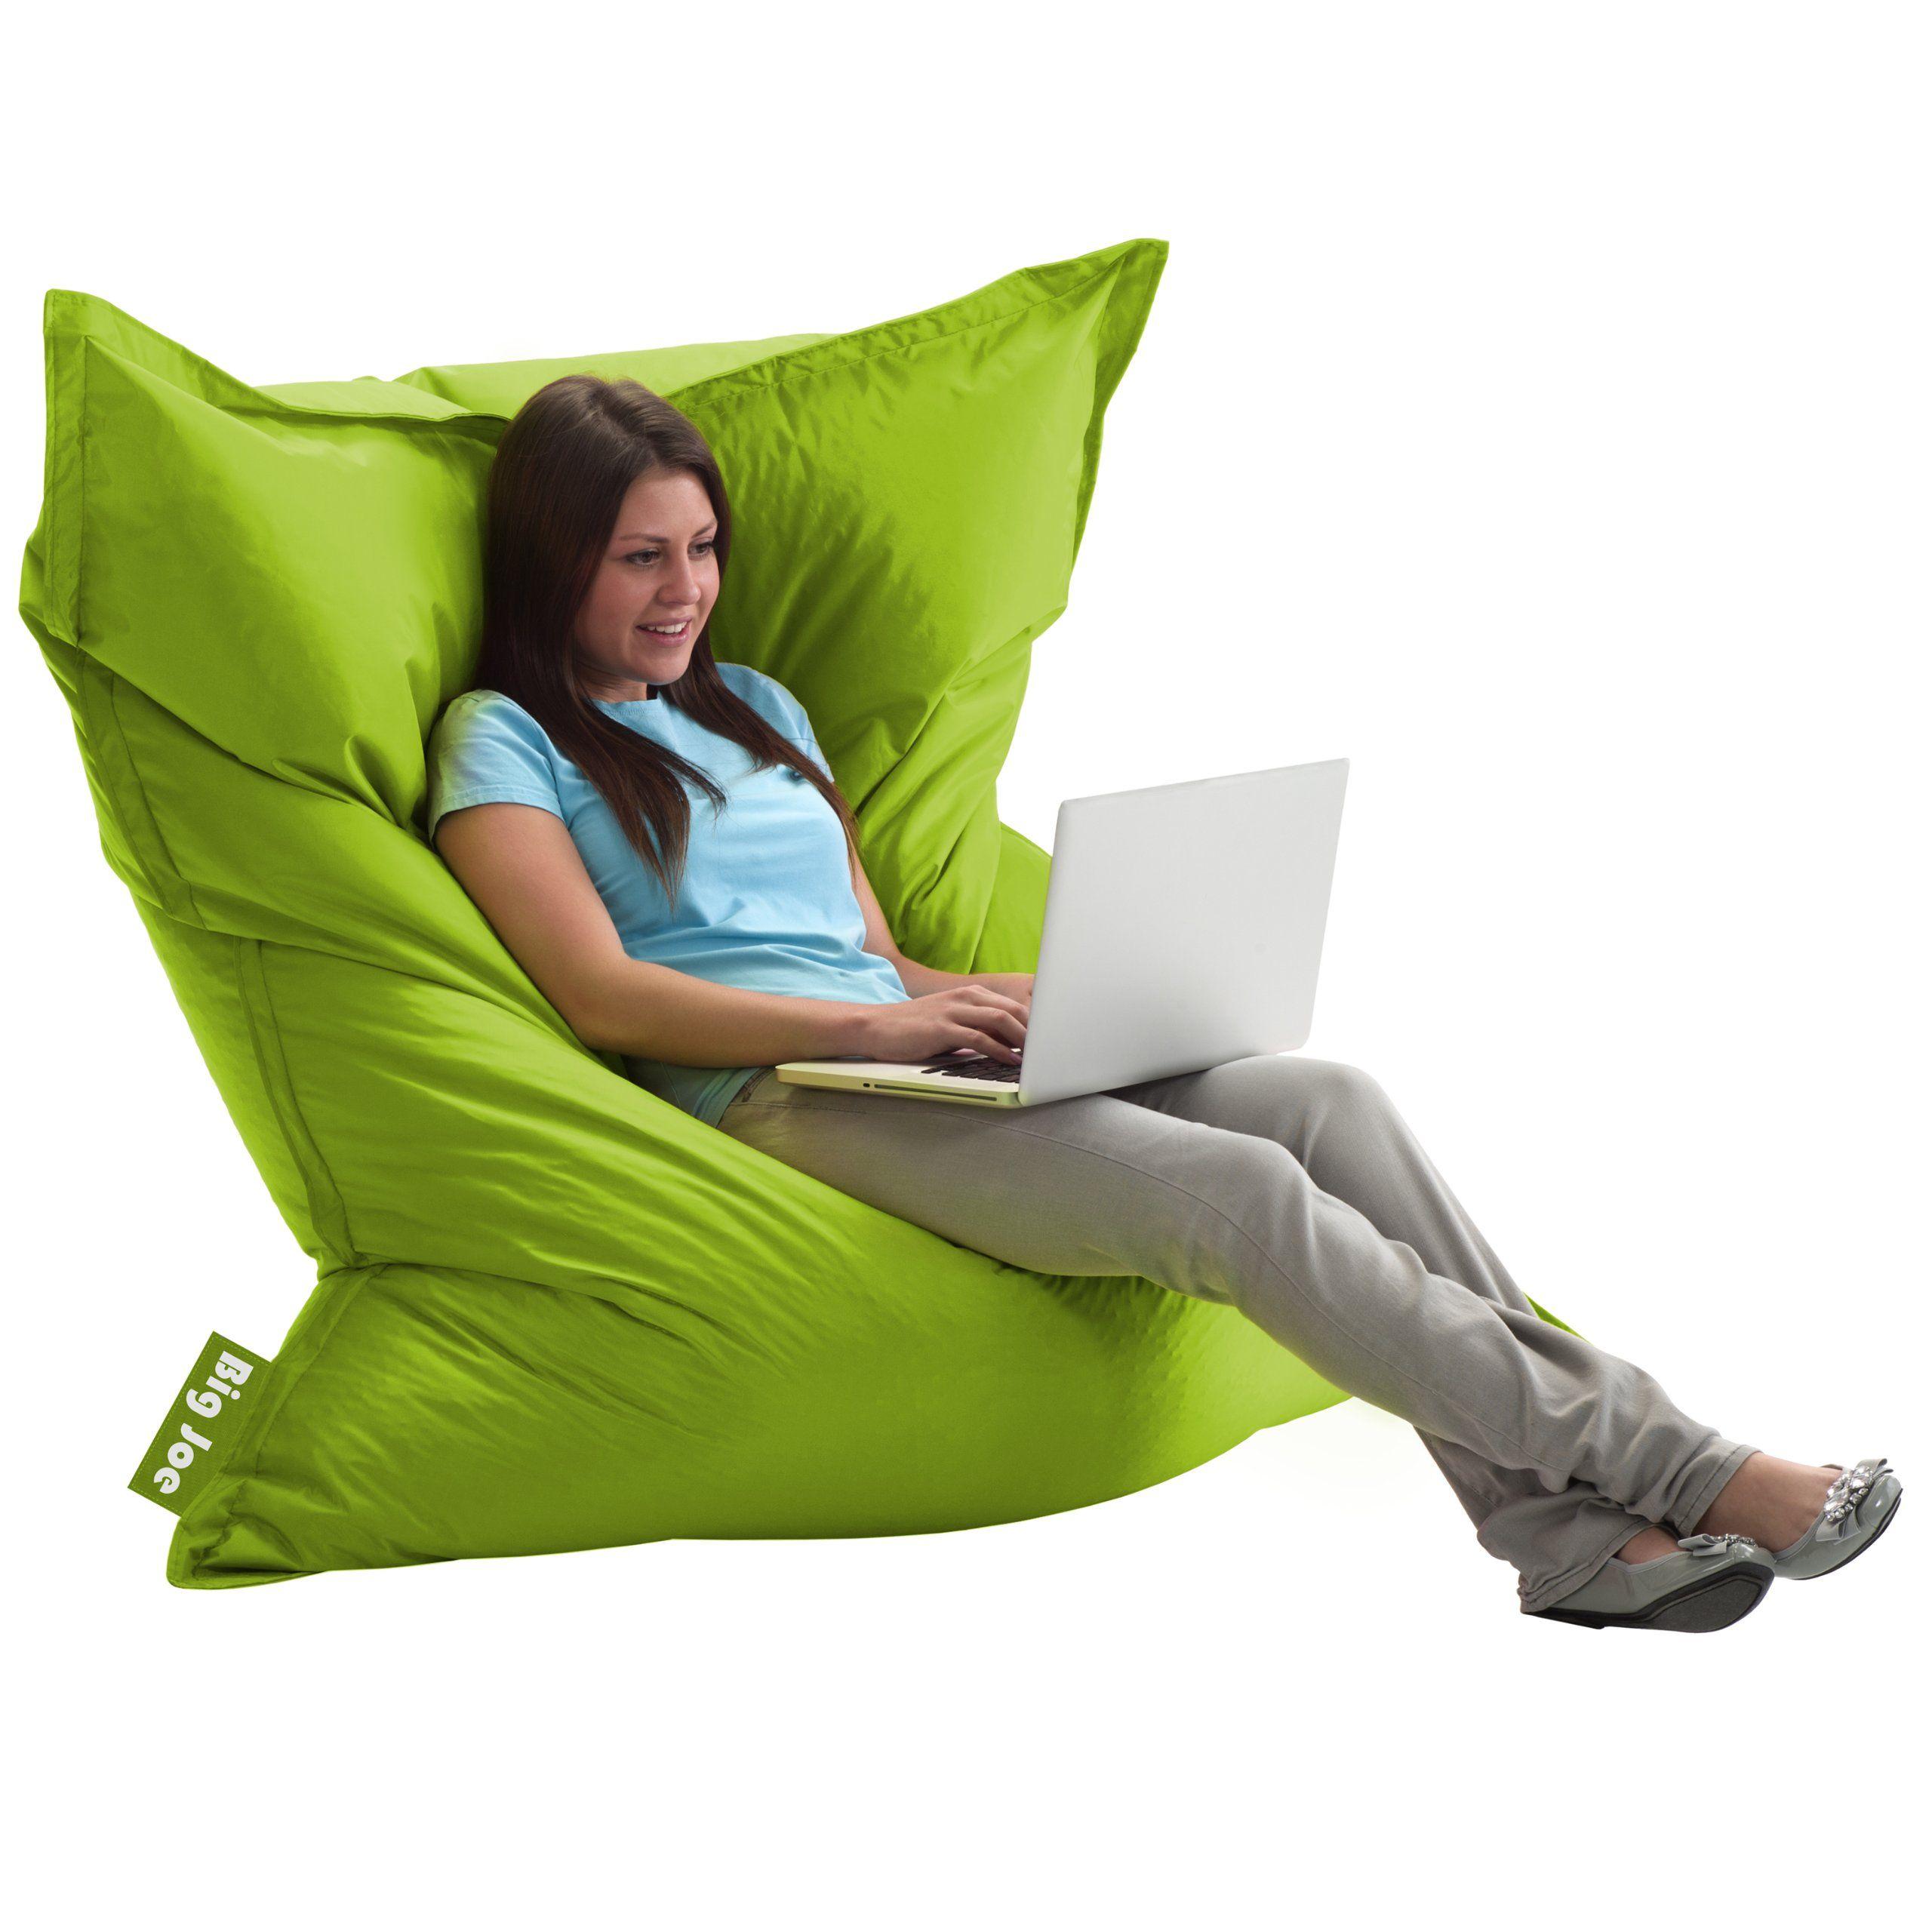 Fantastic Amazon Com Big Joe Original Bean Bag Chair Flaming Red Uwap Interior Chair Design Uwaporg